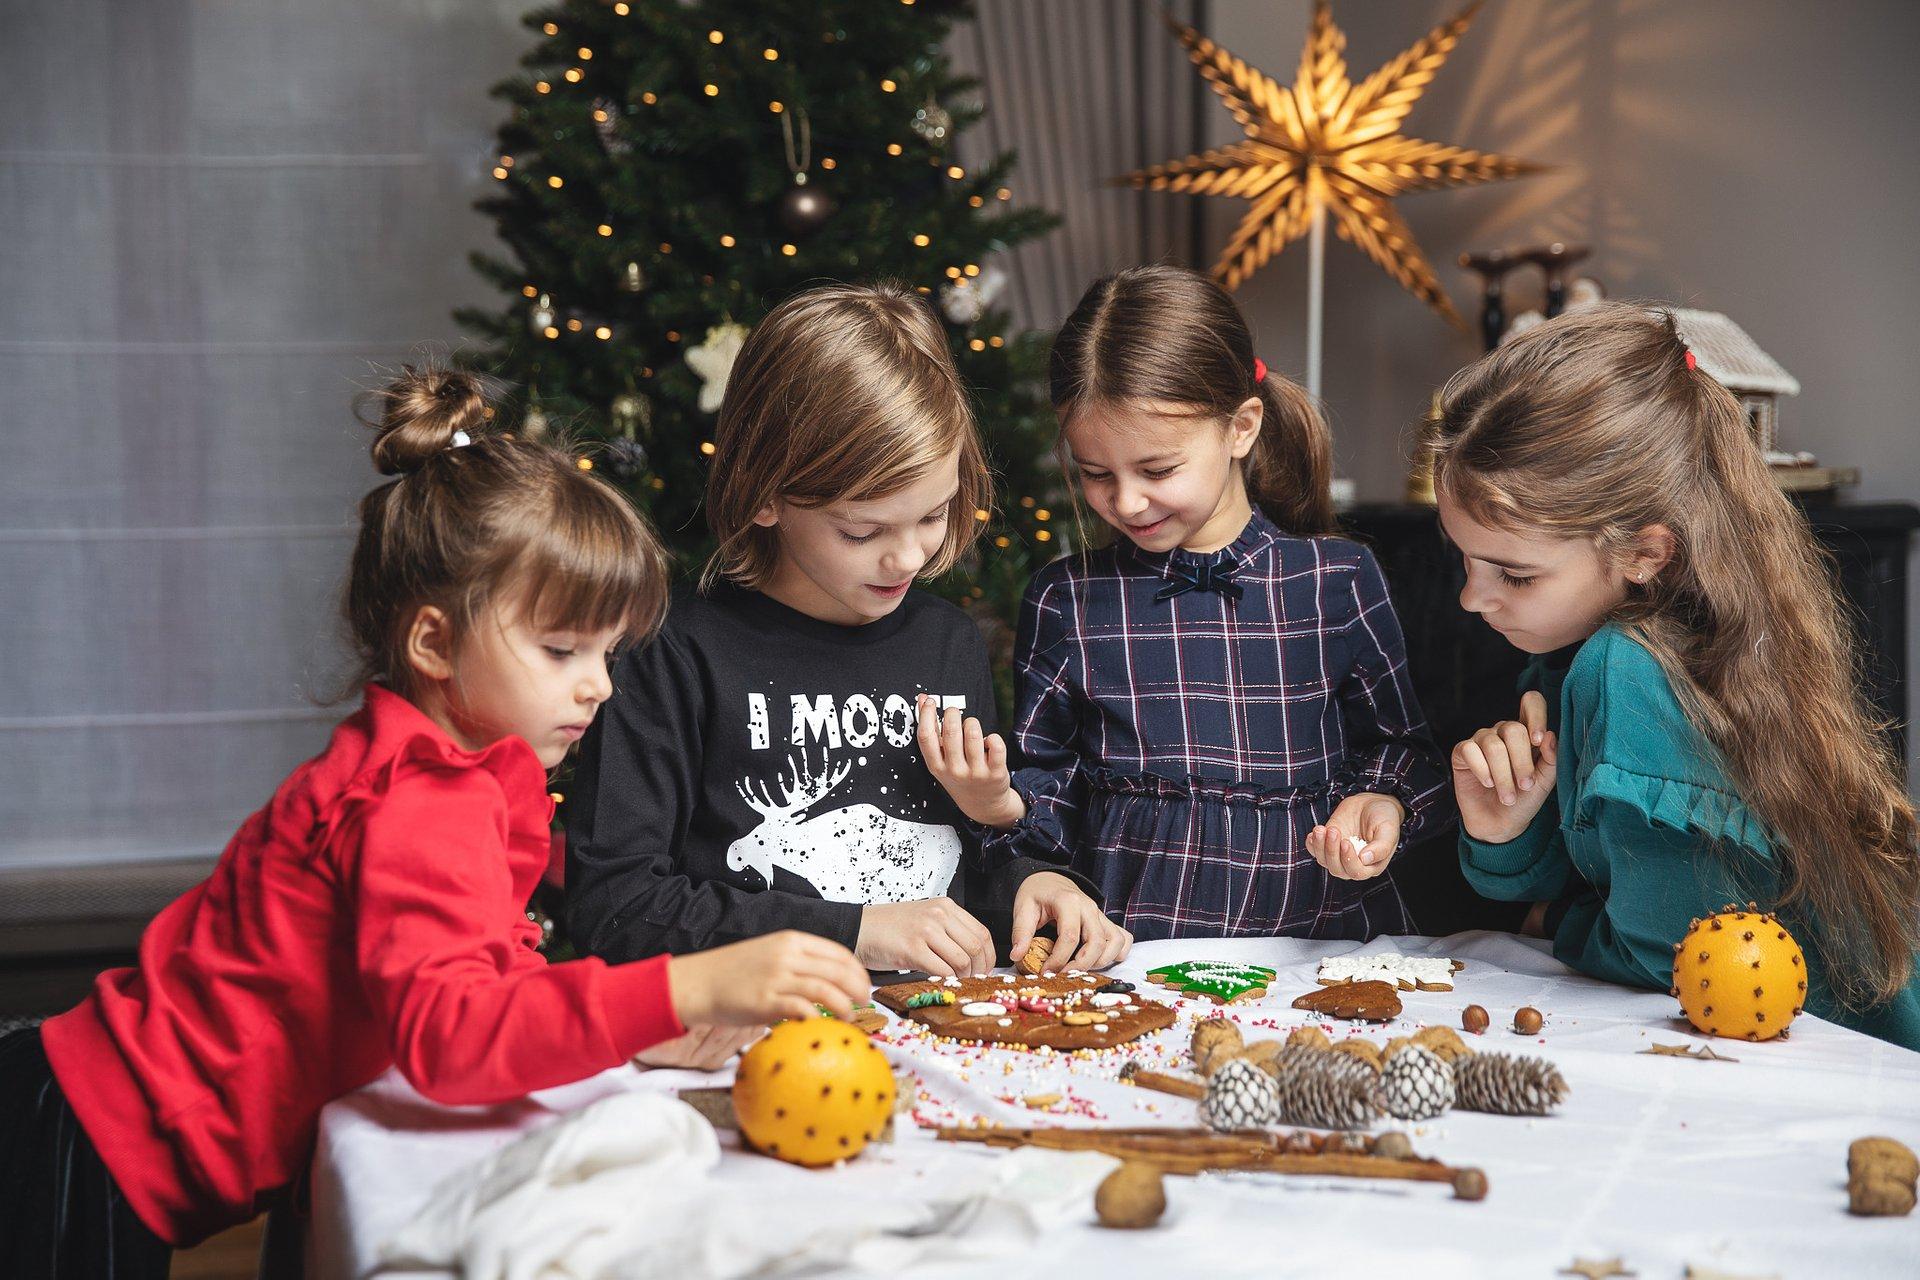 COOL CLUB Zima 2020 - kolekcja świąteczna - Magiczny czas!